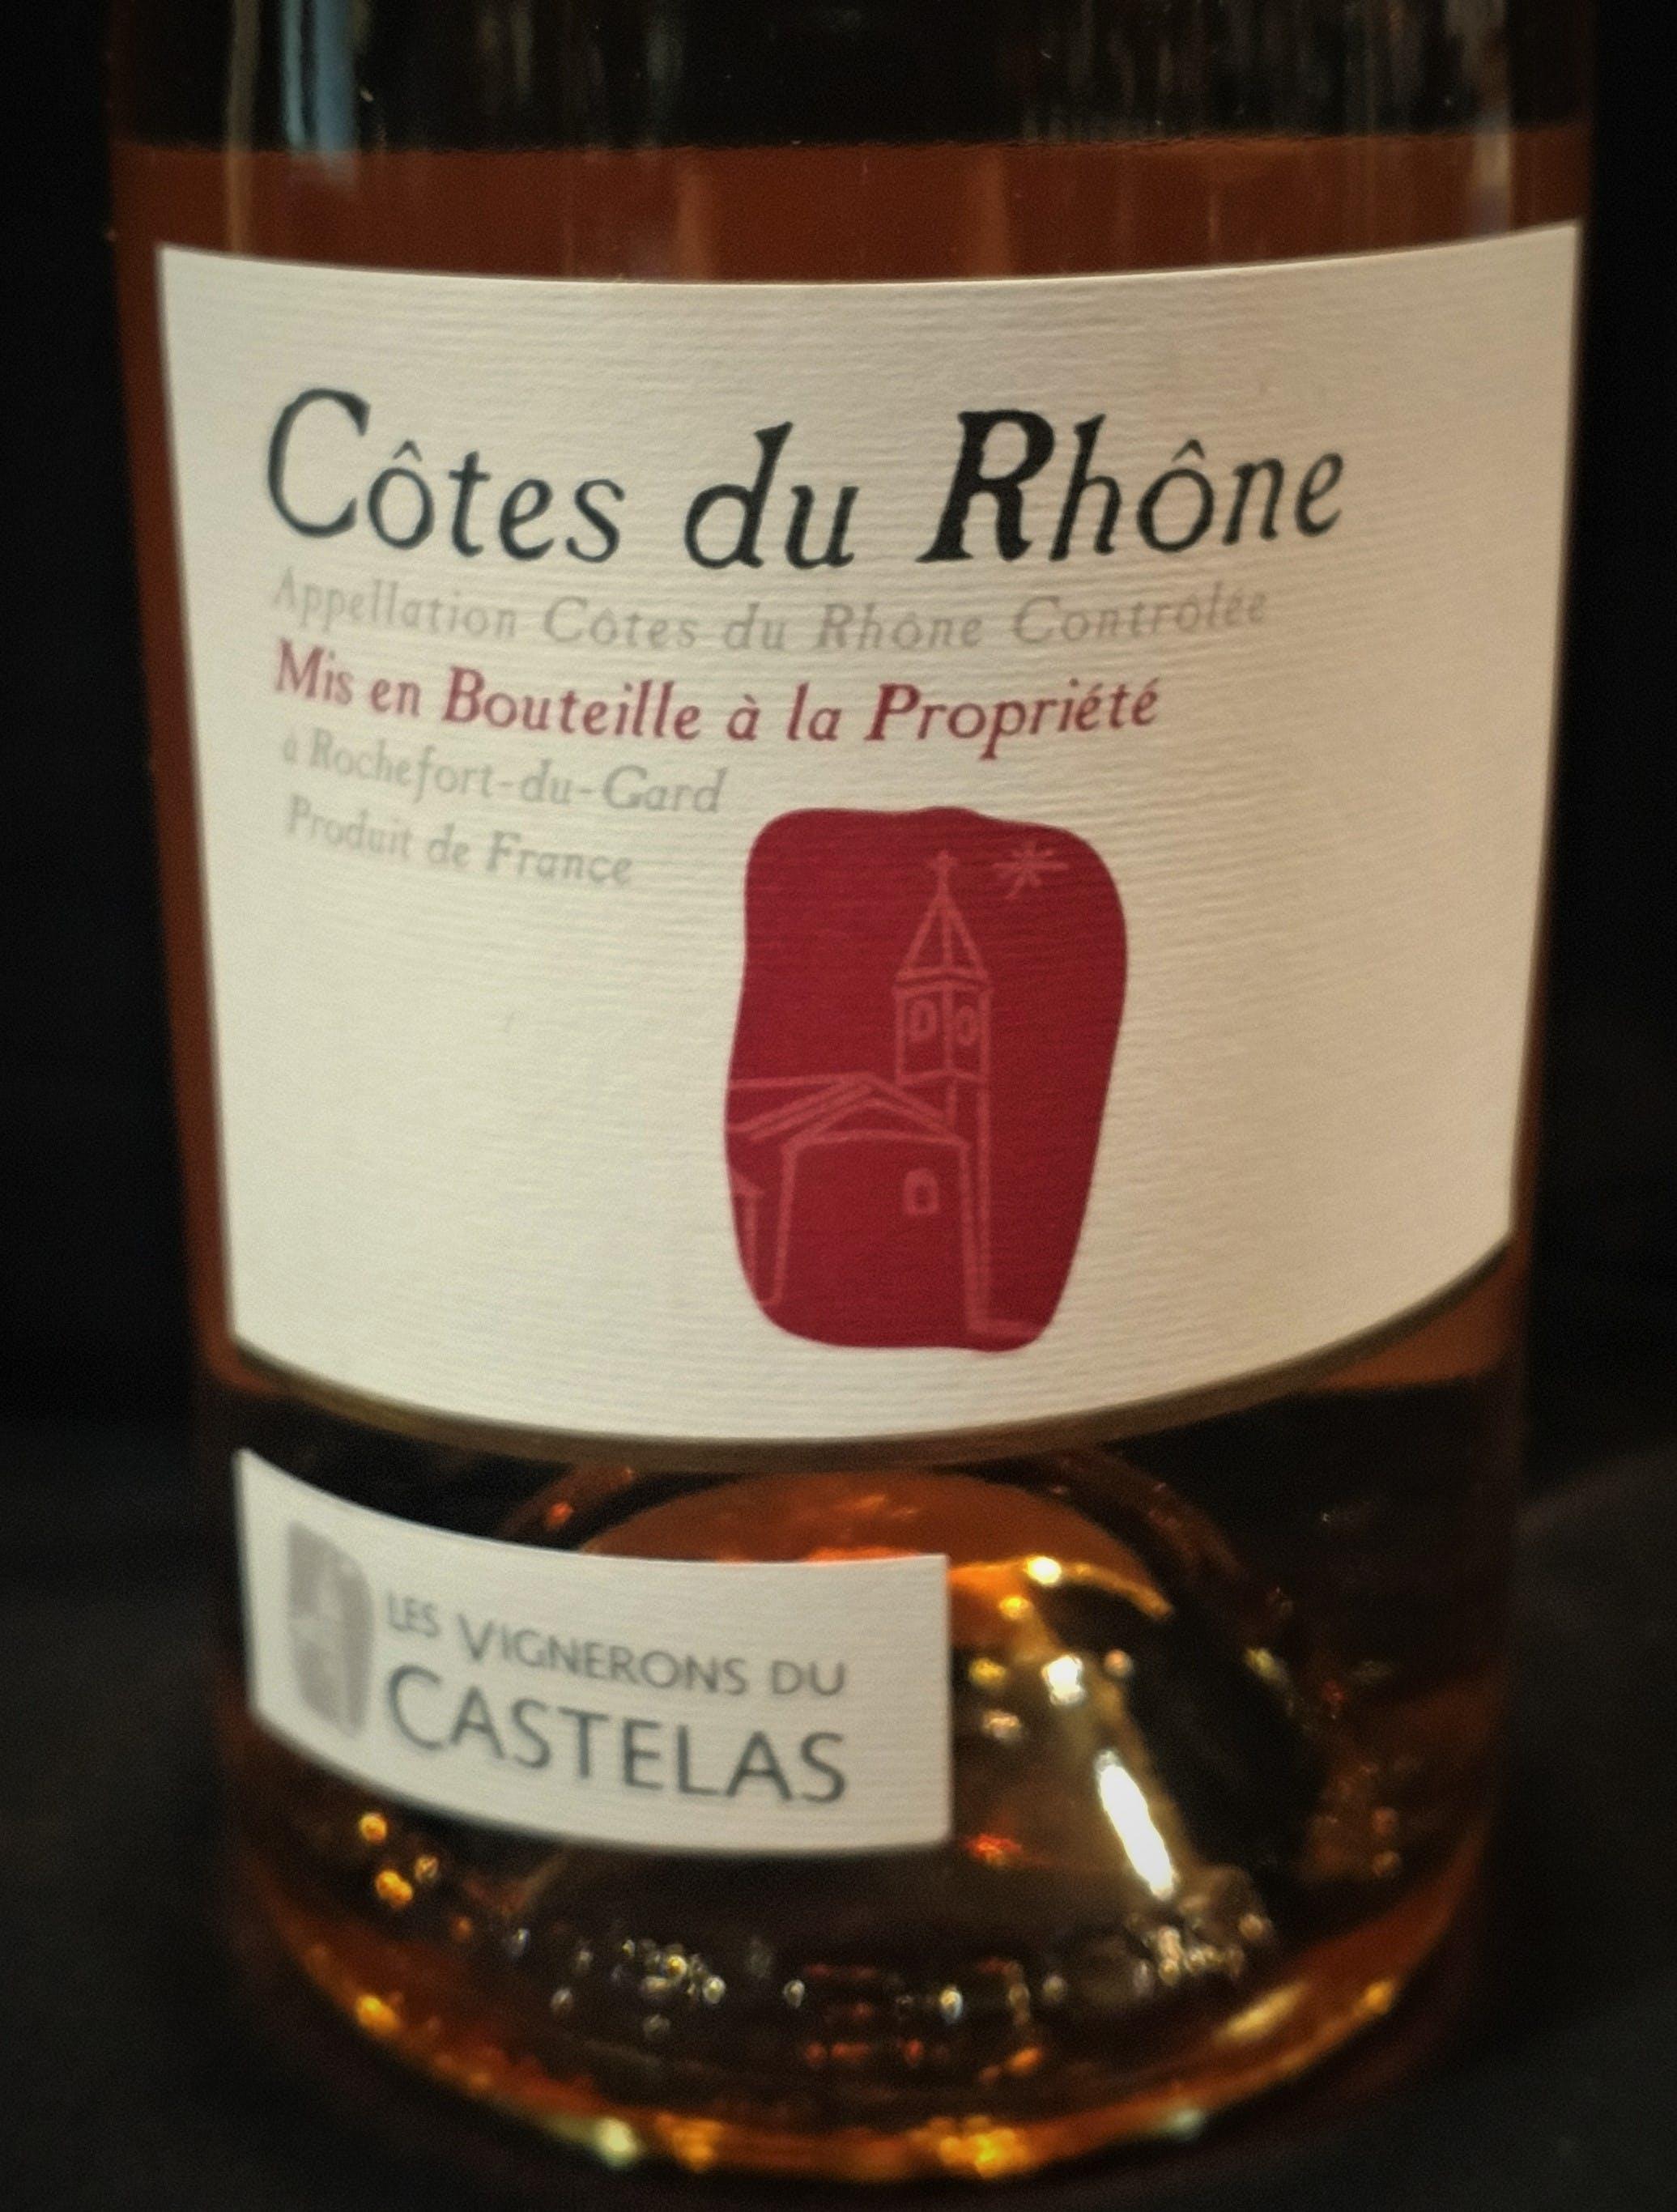 Les Vignerons Du Castelas Cotes Du Rhone Rose 2018 1 5l Stone Gate Wine Spirits